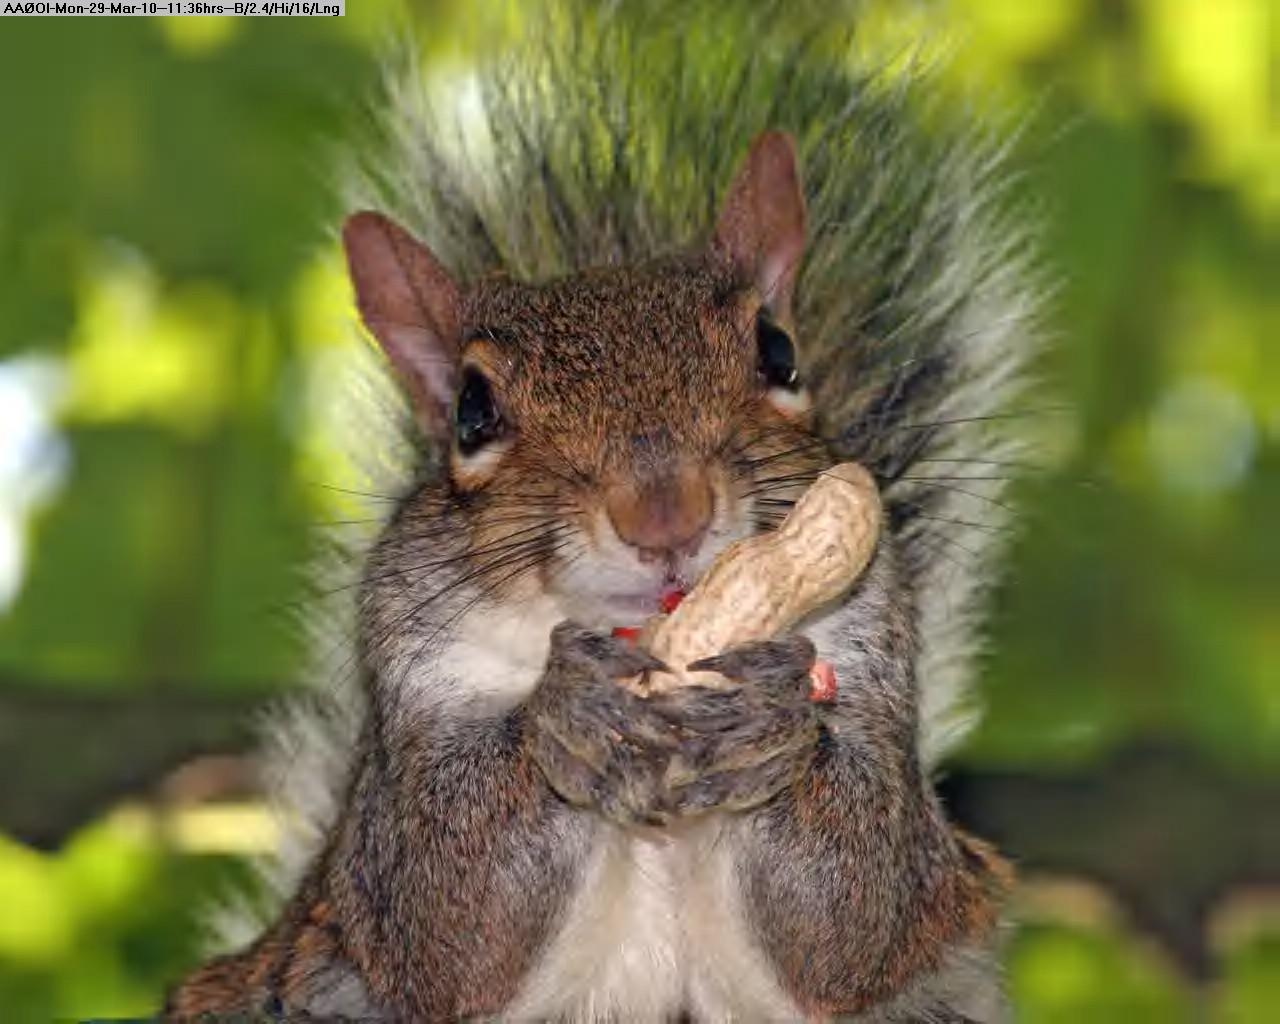 100329113425-Squirrel-Eating-nut.jpg